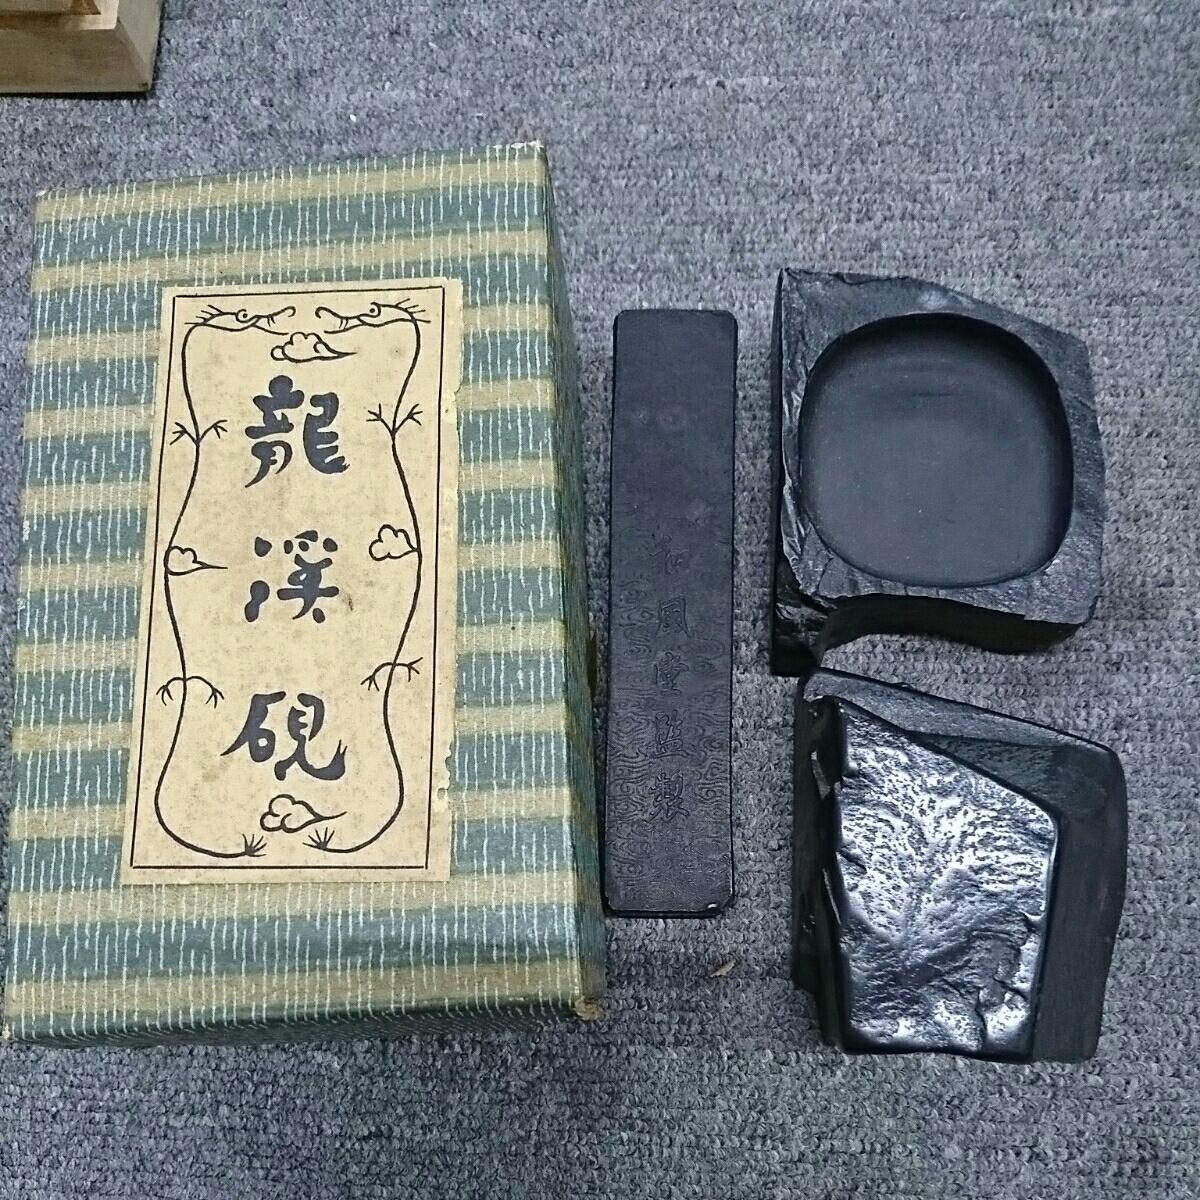 龍渓硯 中古 硯 スズリ 書道具 小型 和風堂崎監製